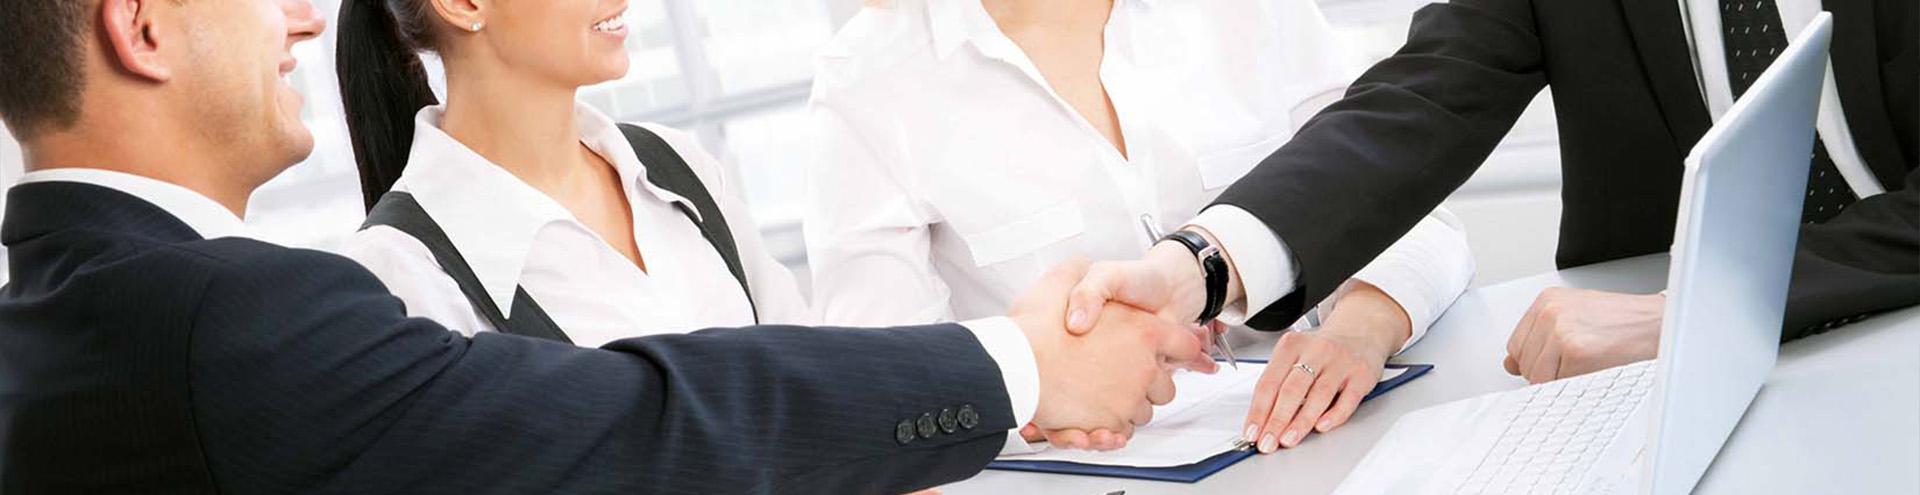 юридическое обслуживание физических лиц в Ижевске и Удмуртской Республике